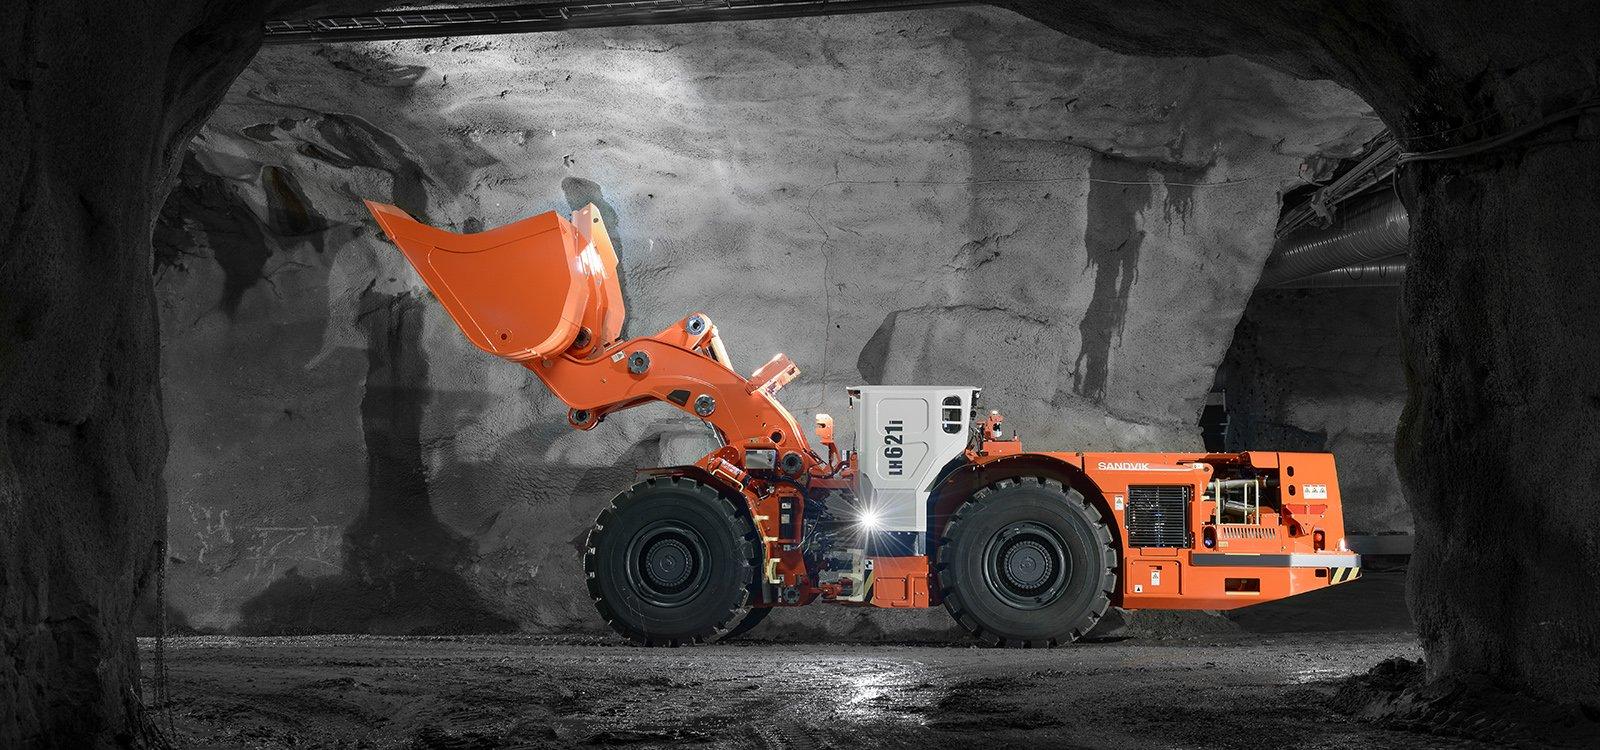 Sandvik LH621i предназначен для быстрой очистки забоев туннелей, что положительно сказывается на скорости проходки.